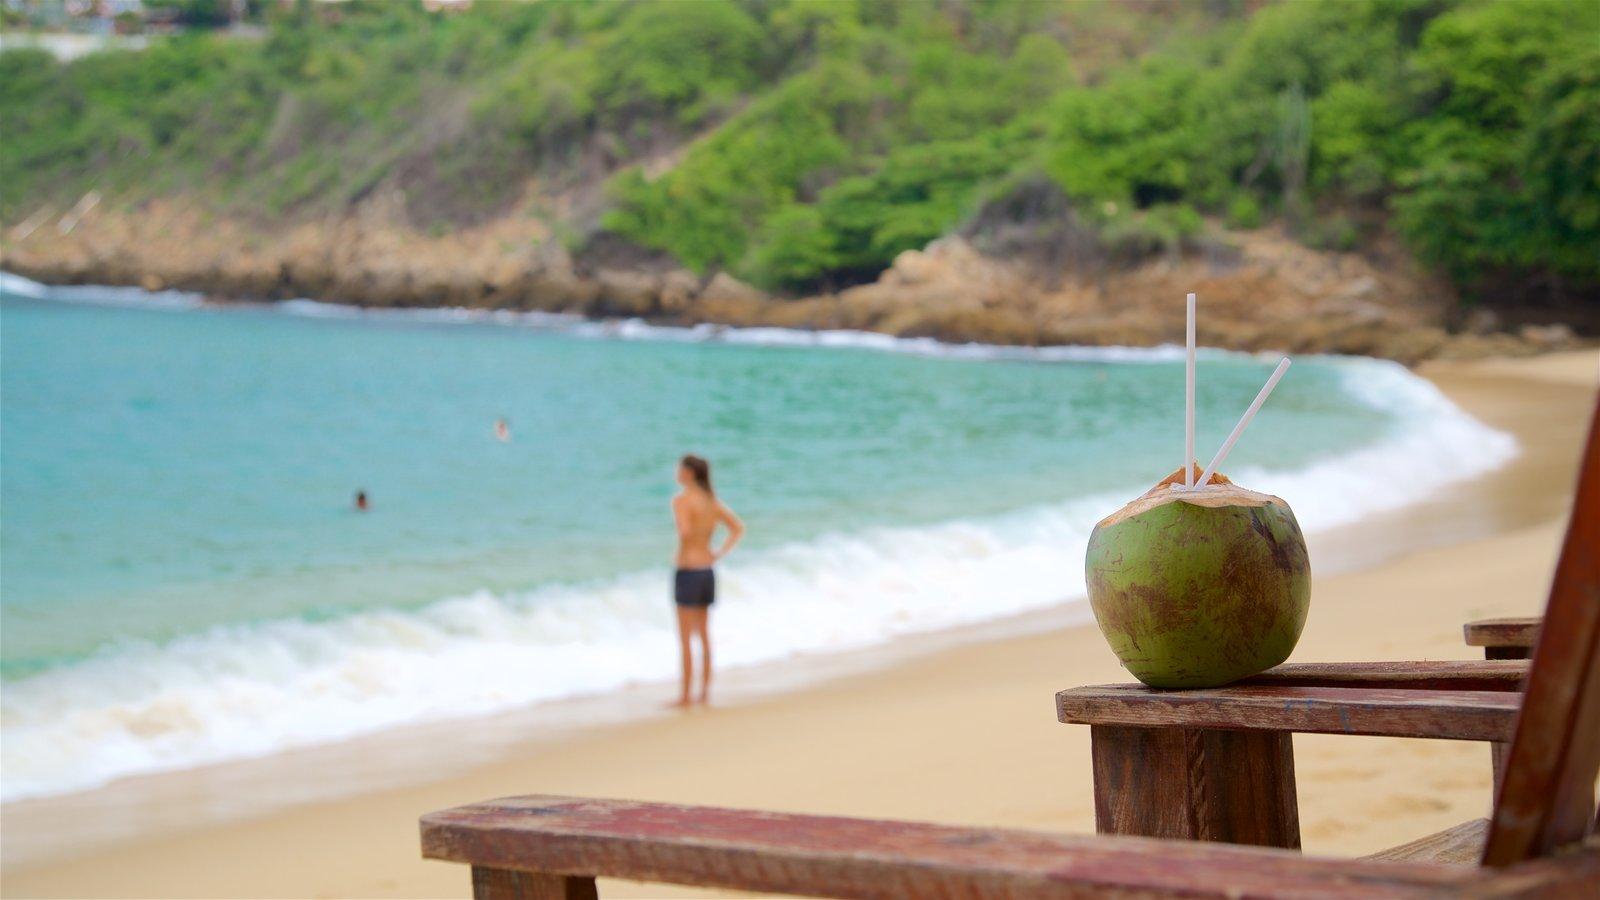 Playa de Carrizalillo mostrando una playa de arena y vistas generales de la costa y también una mujer